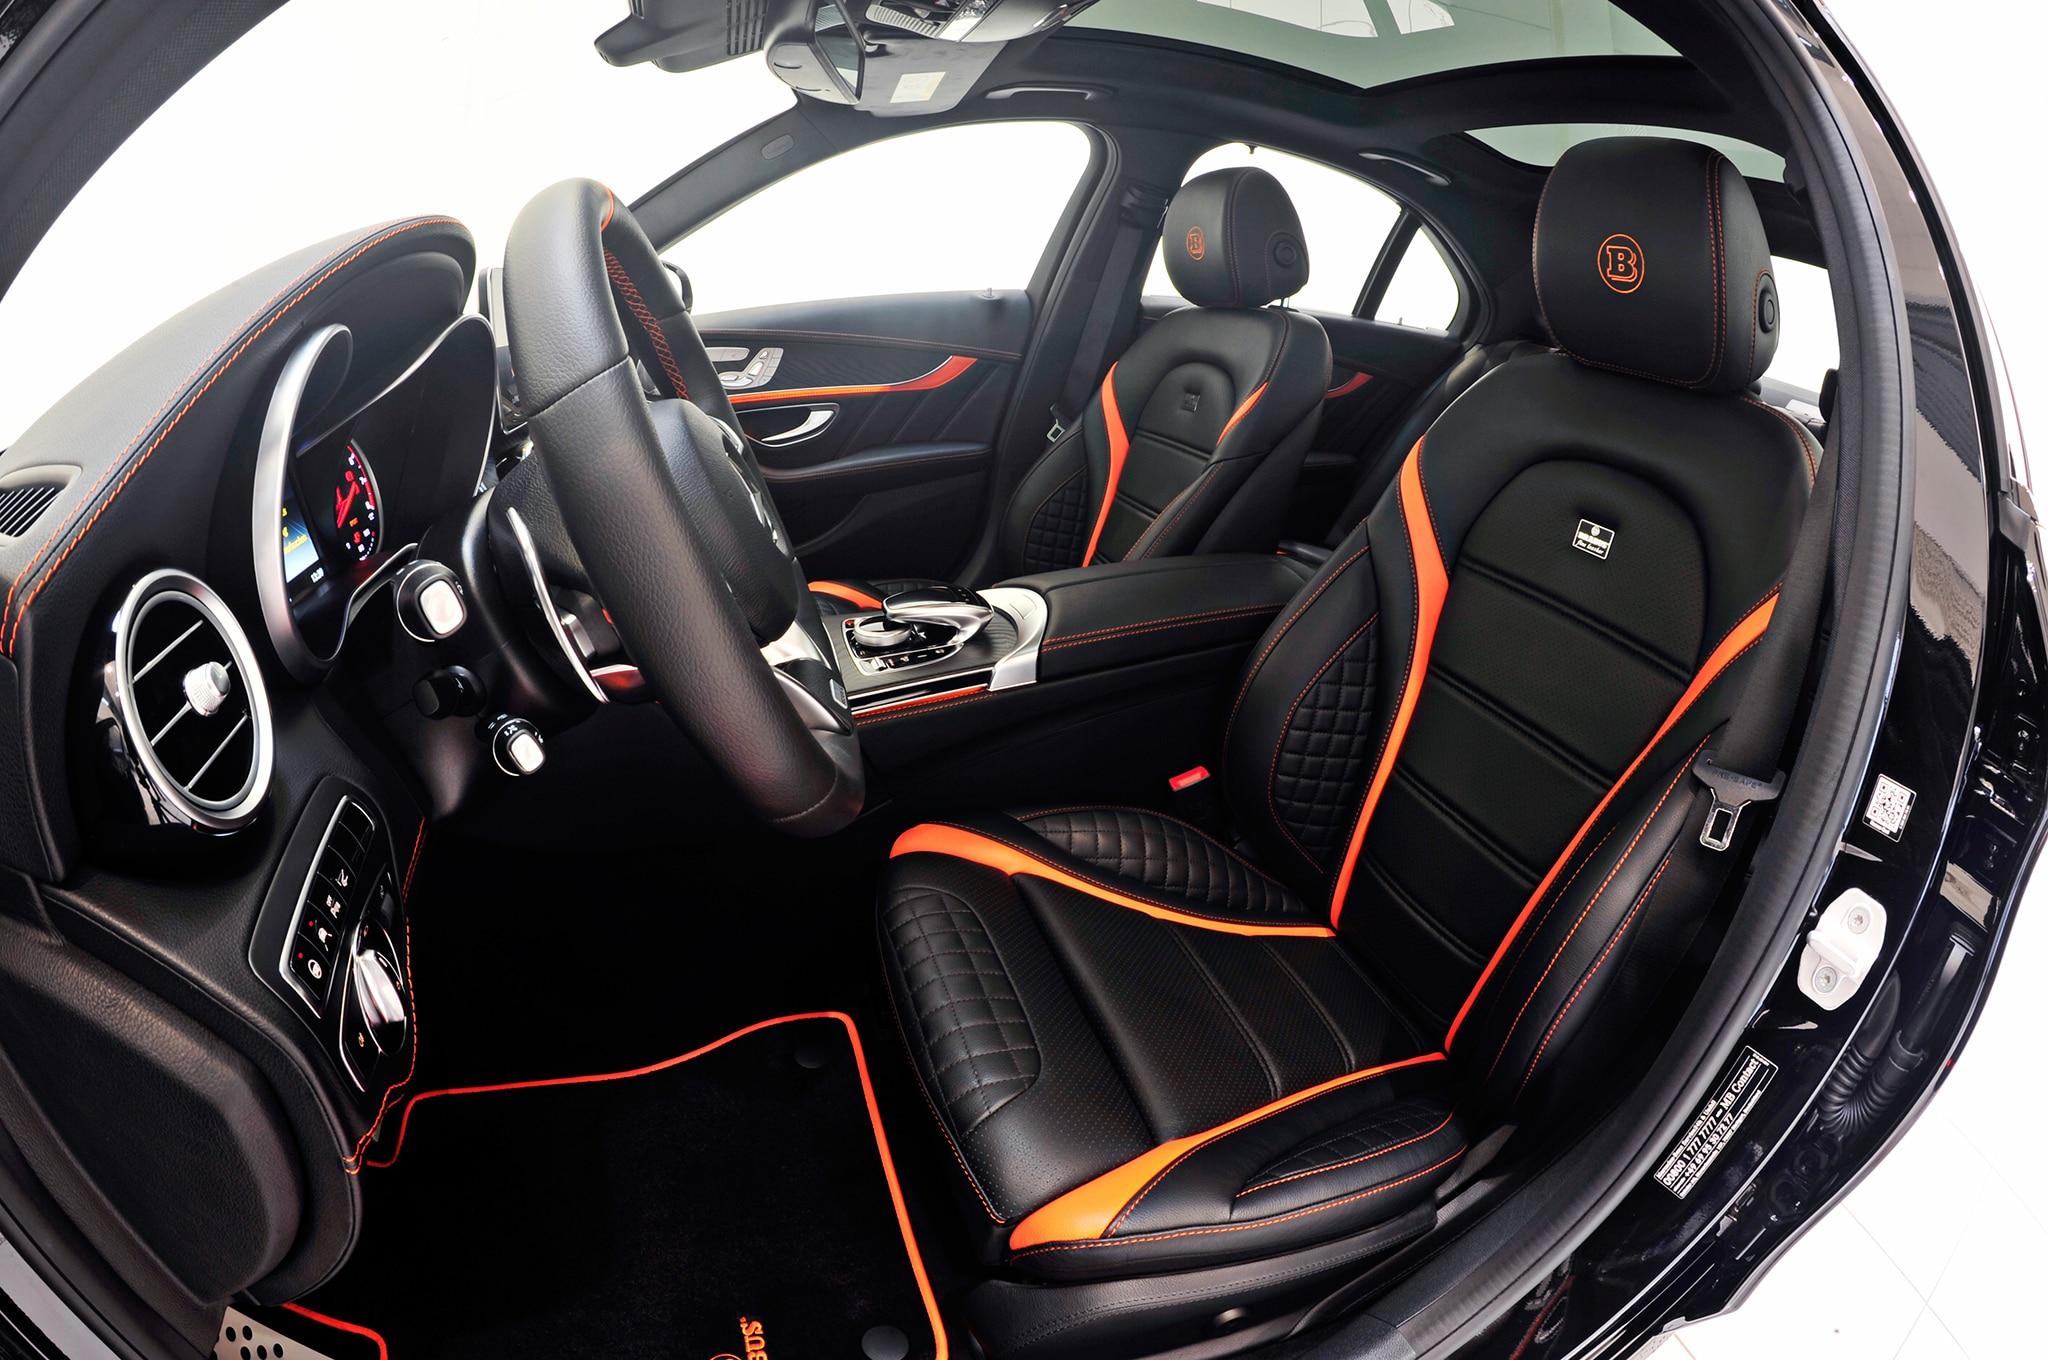 Brabus Cranks the MercedesAMG C63 S Up to 591 HP